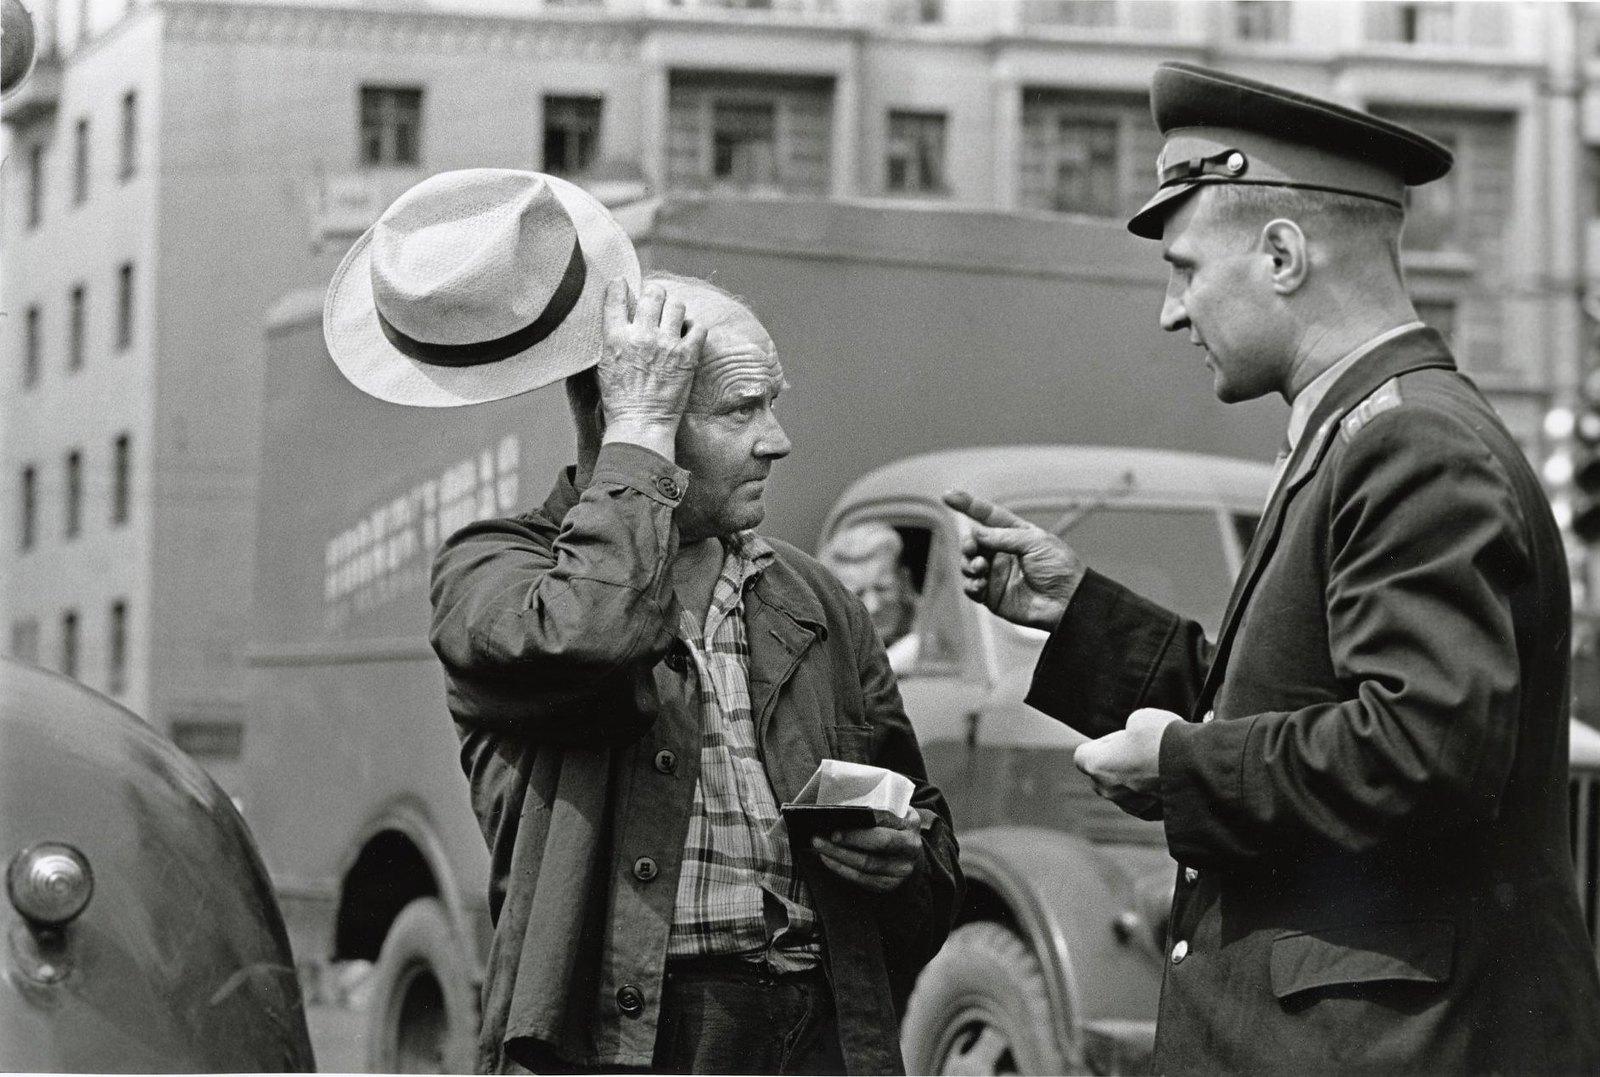 1966. ОРУД (Отдел по регулированию уличного движения). Нарушитель